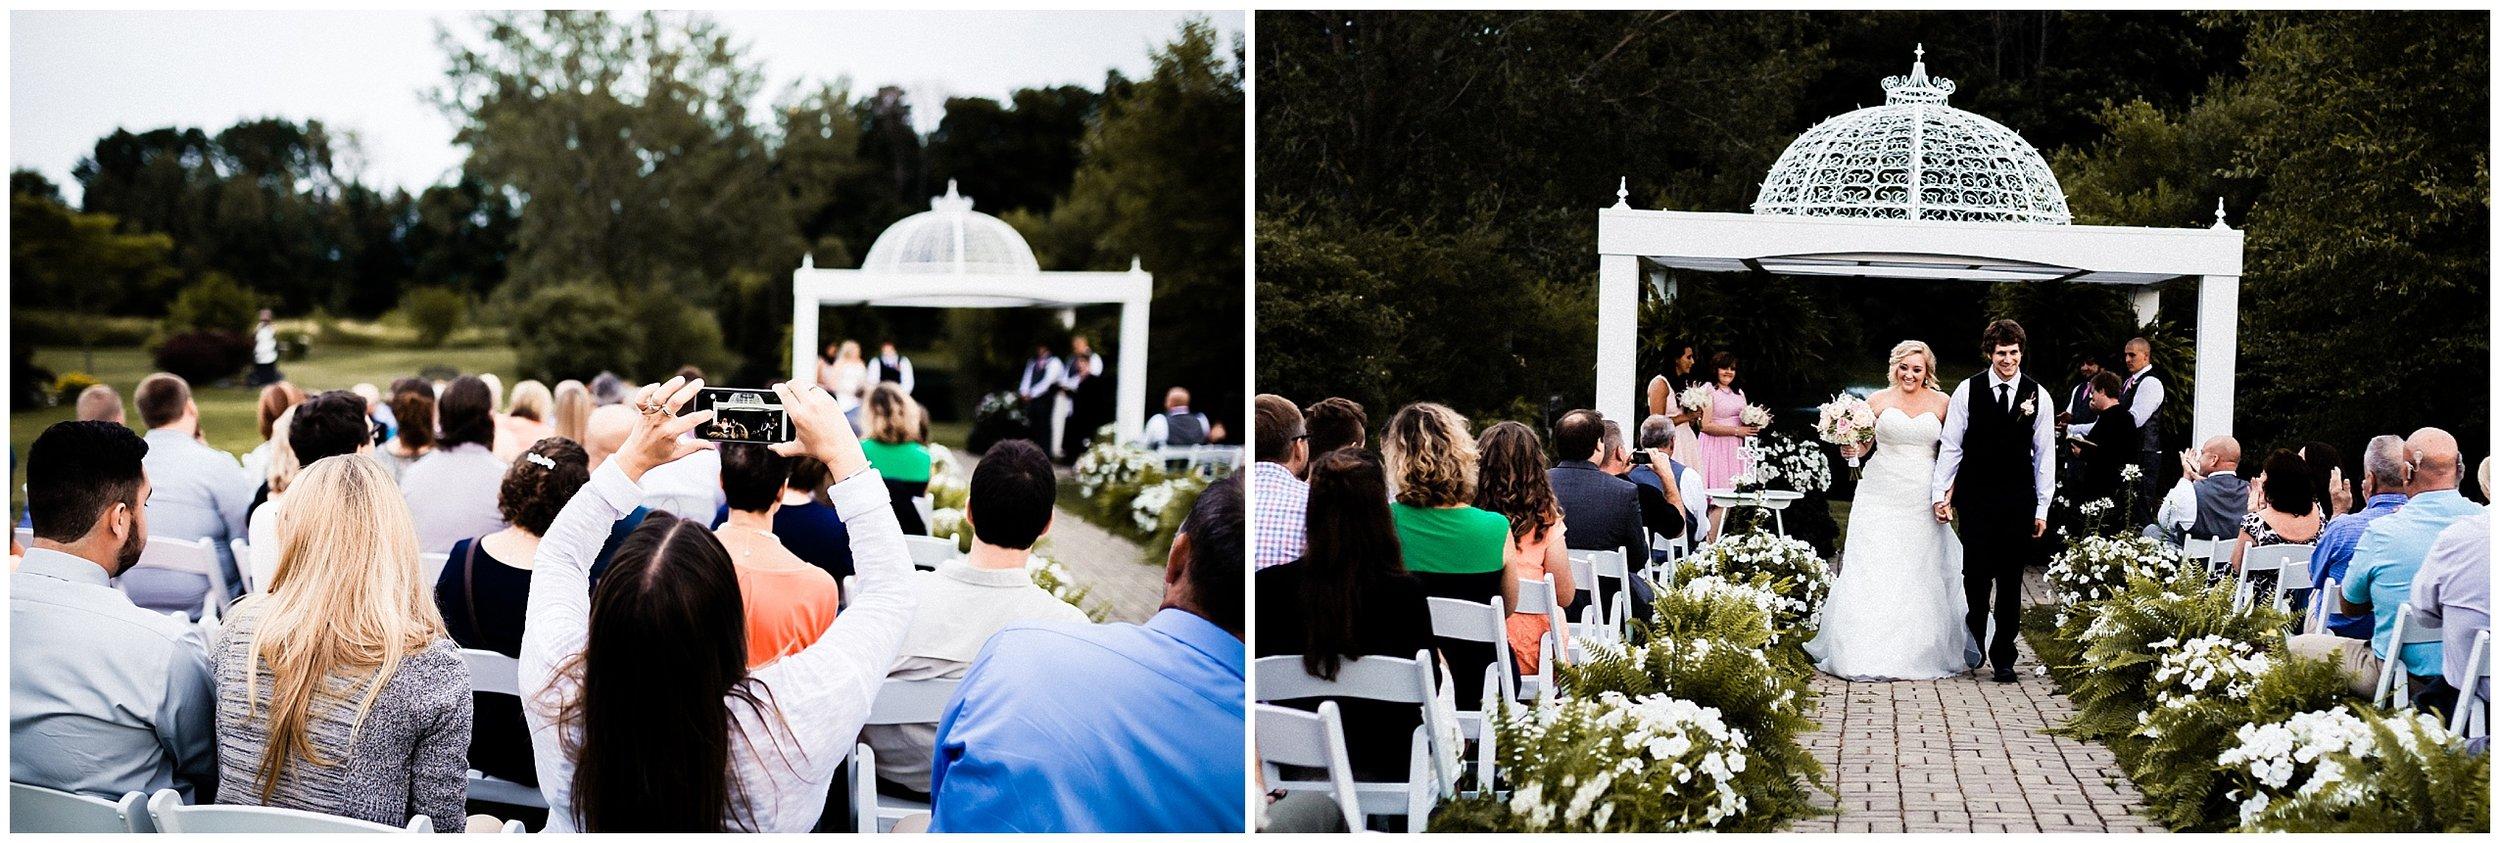 Nate + Rachel | Just Married  #kyleepaigephotography_0652.jpg